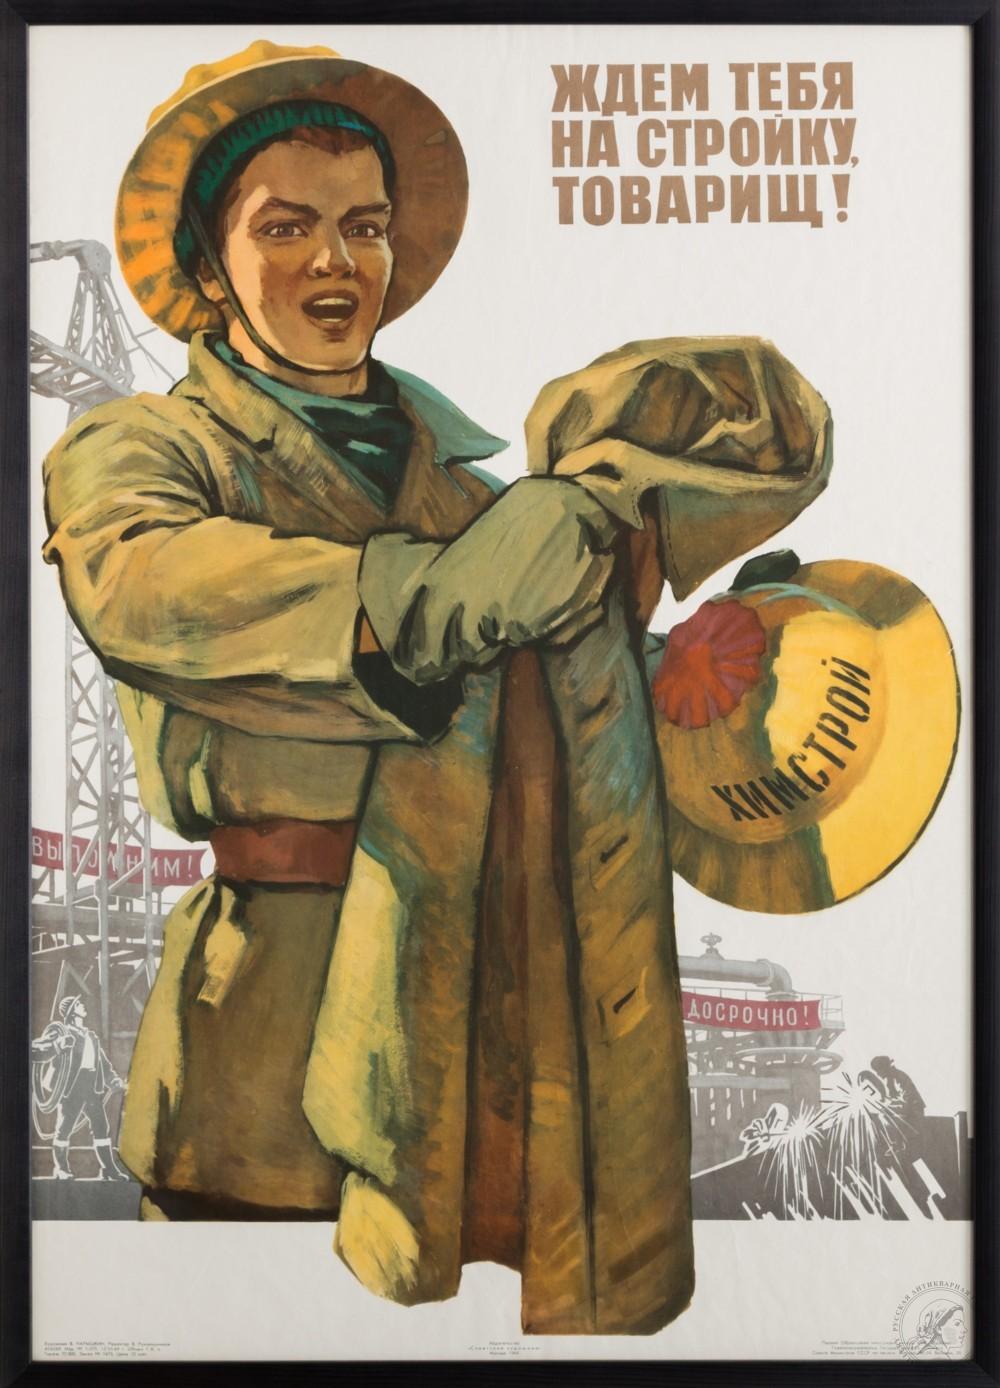 Плакат «Ждем тебя на стройку, товарищ!»